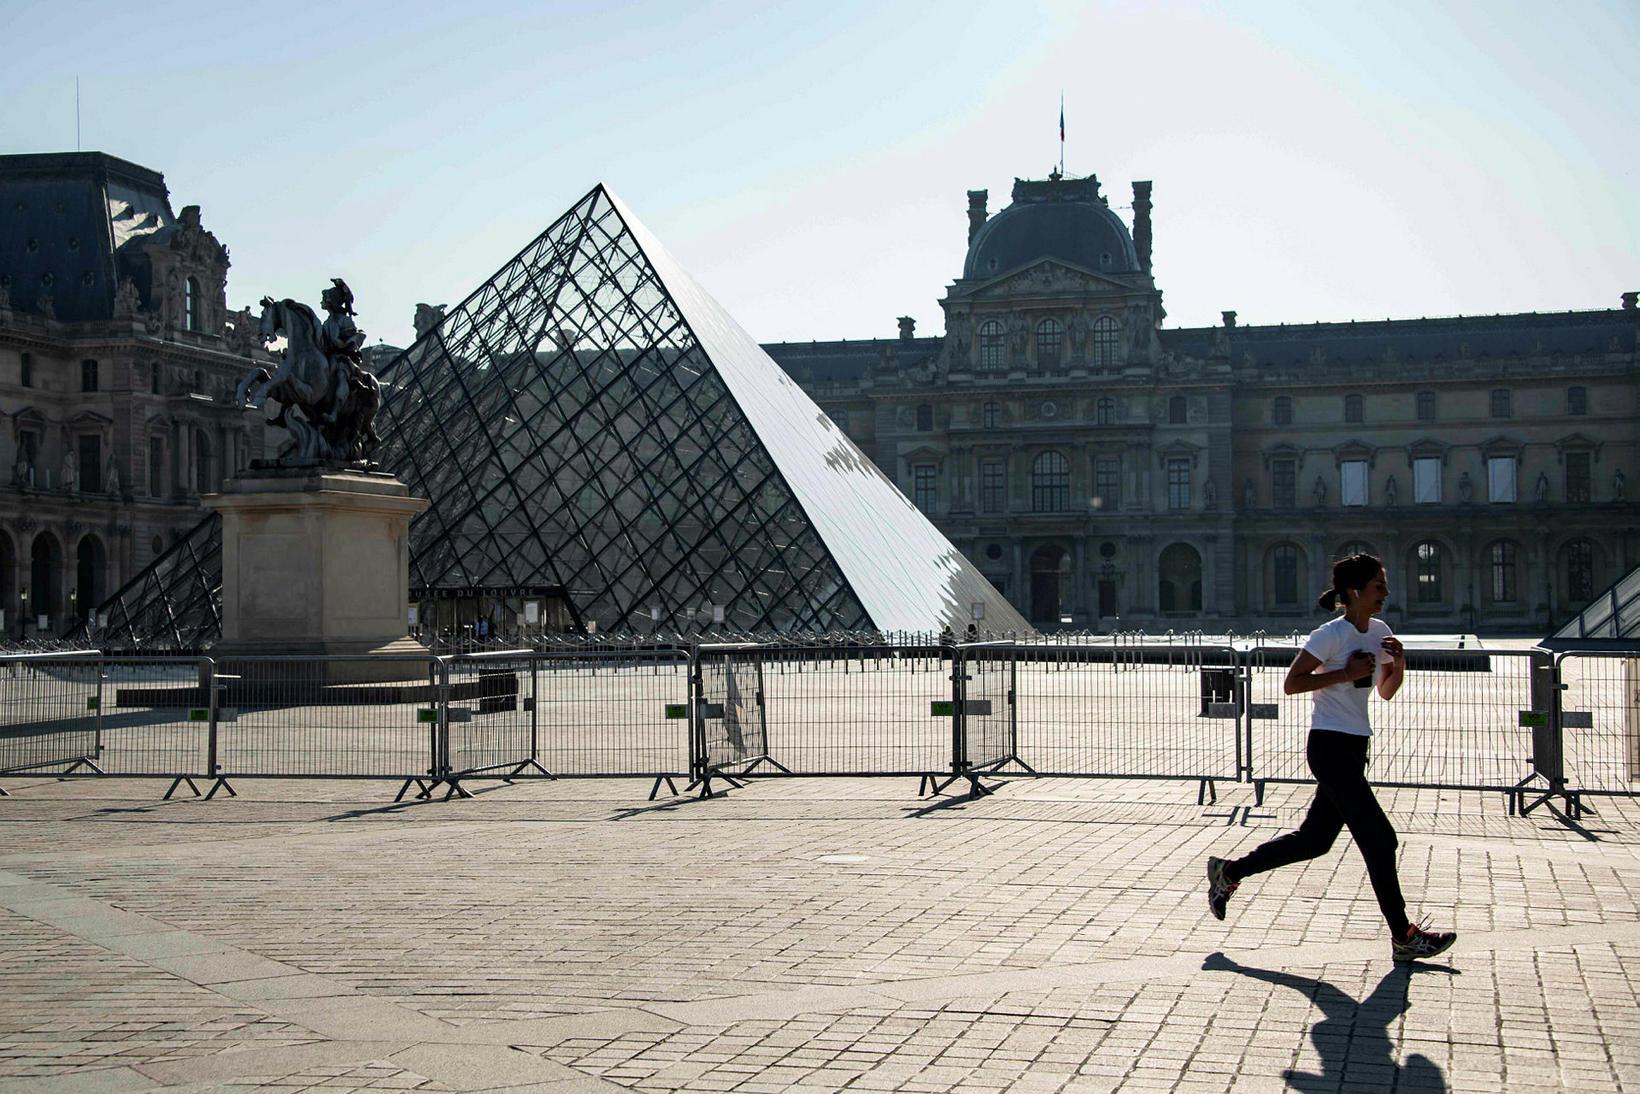 Hlaupagarpur við Louvre-safnið í París, hvar útgöngubann er í gildi.